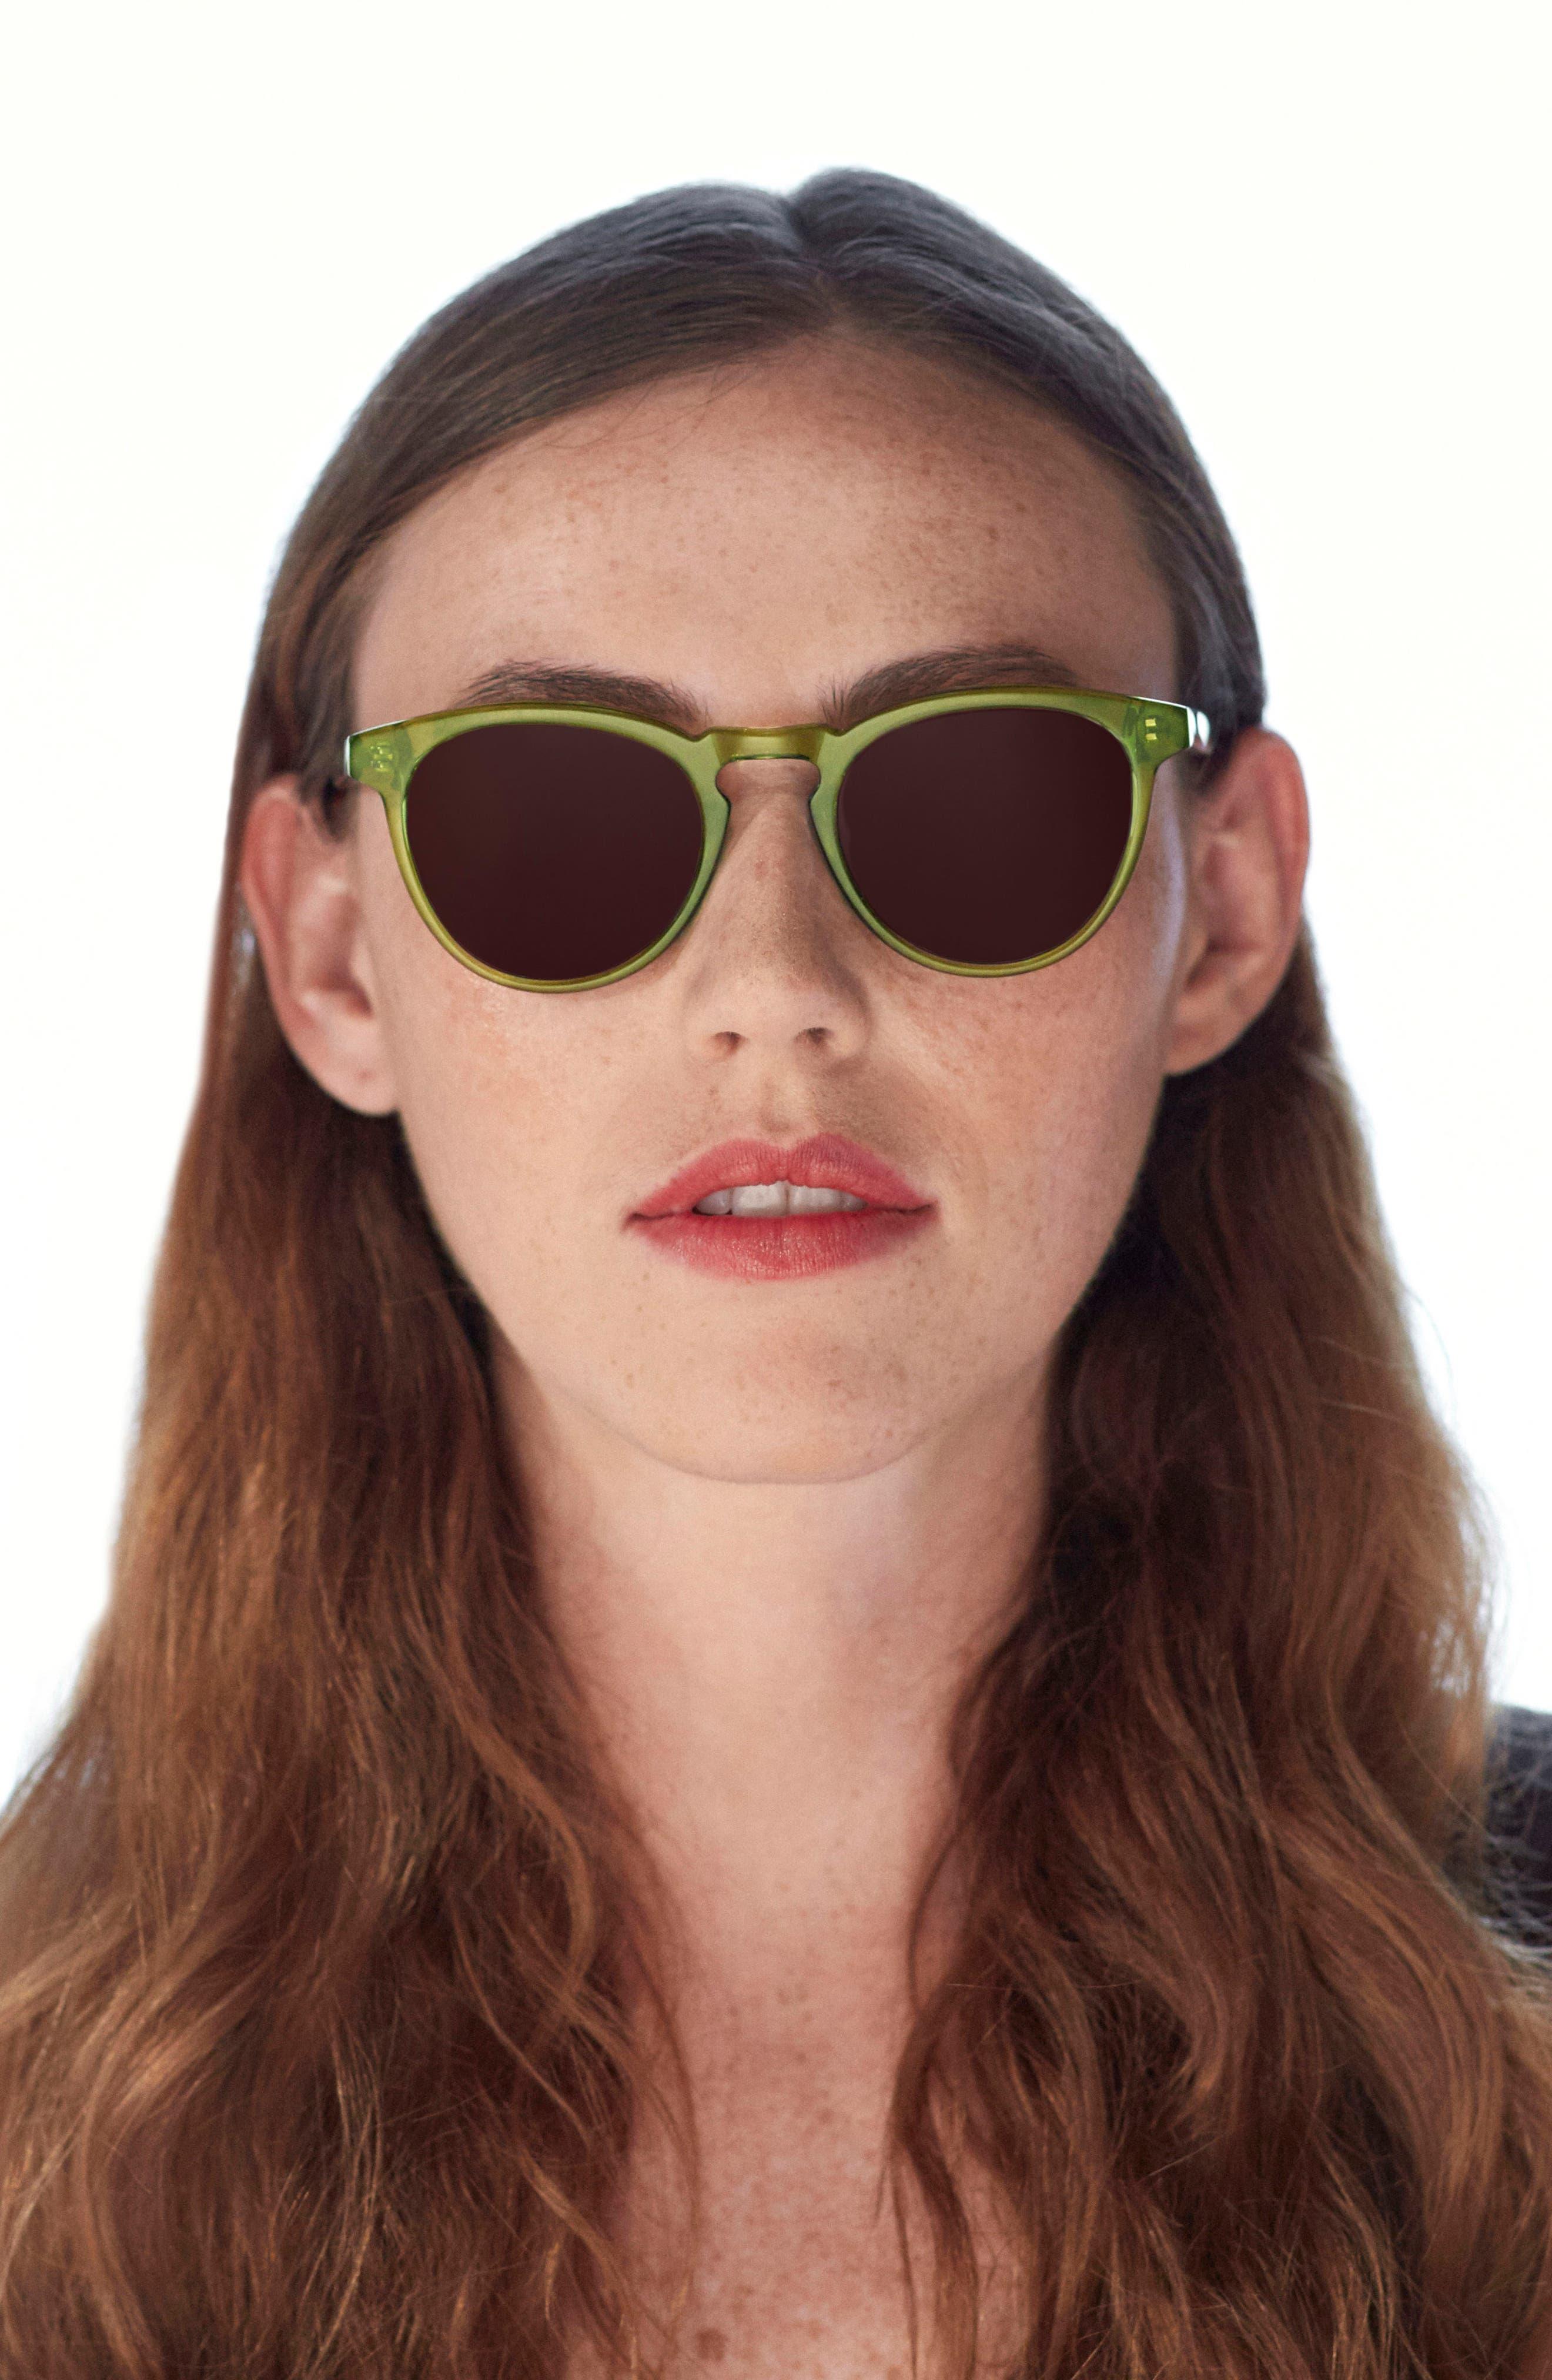 St. Louis 49mm Retro Sunglasses,                             Alternate thumbnail 2, color,                             300